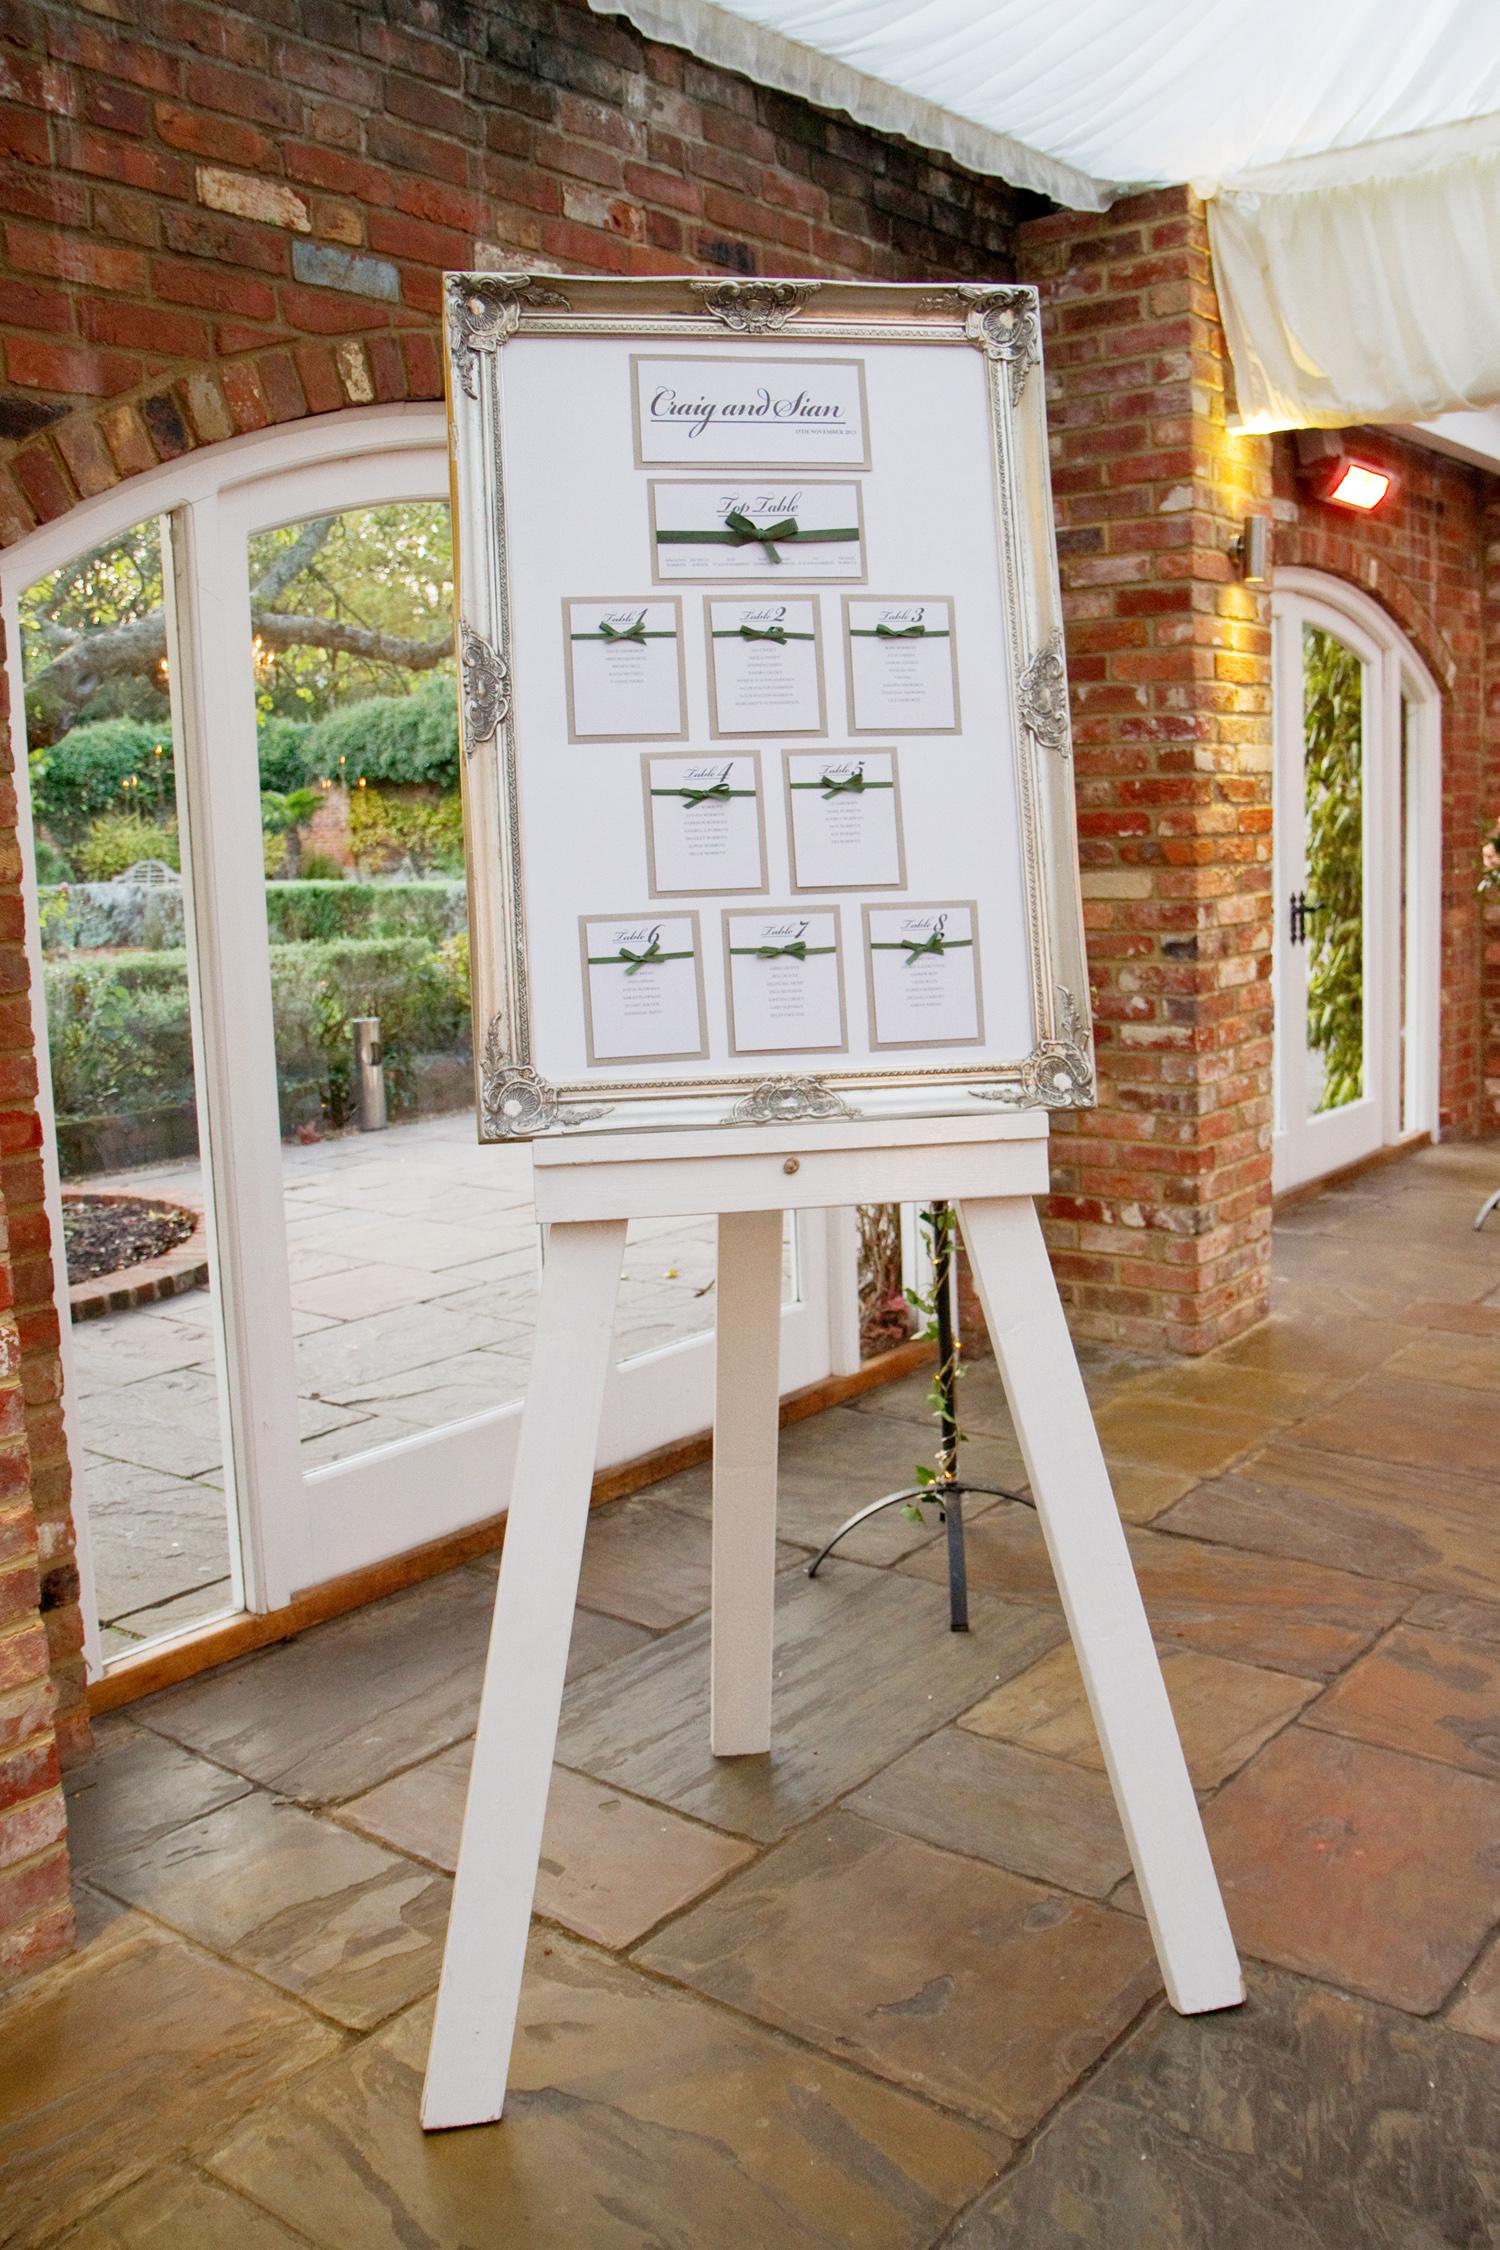 Wedding Table Plan, Helen England Photography, Kent, U.K